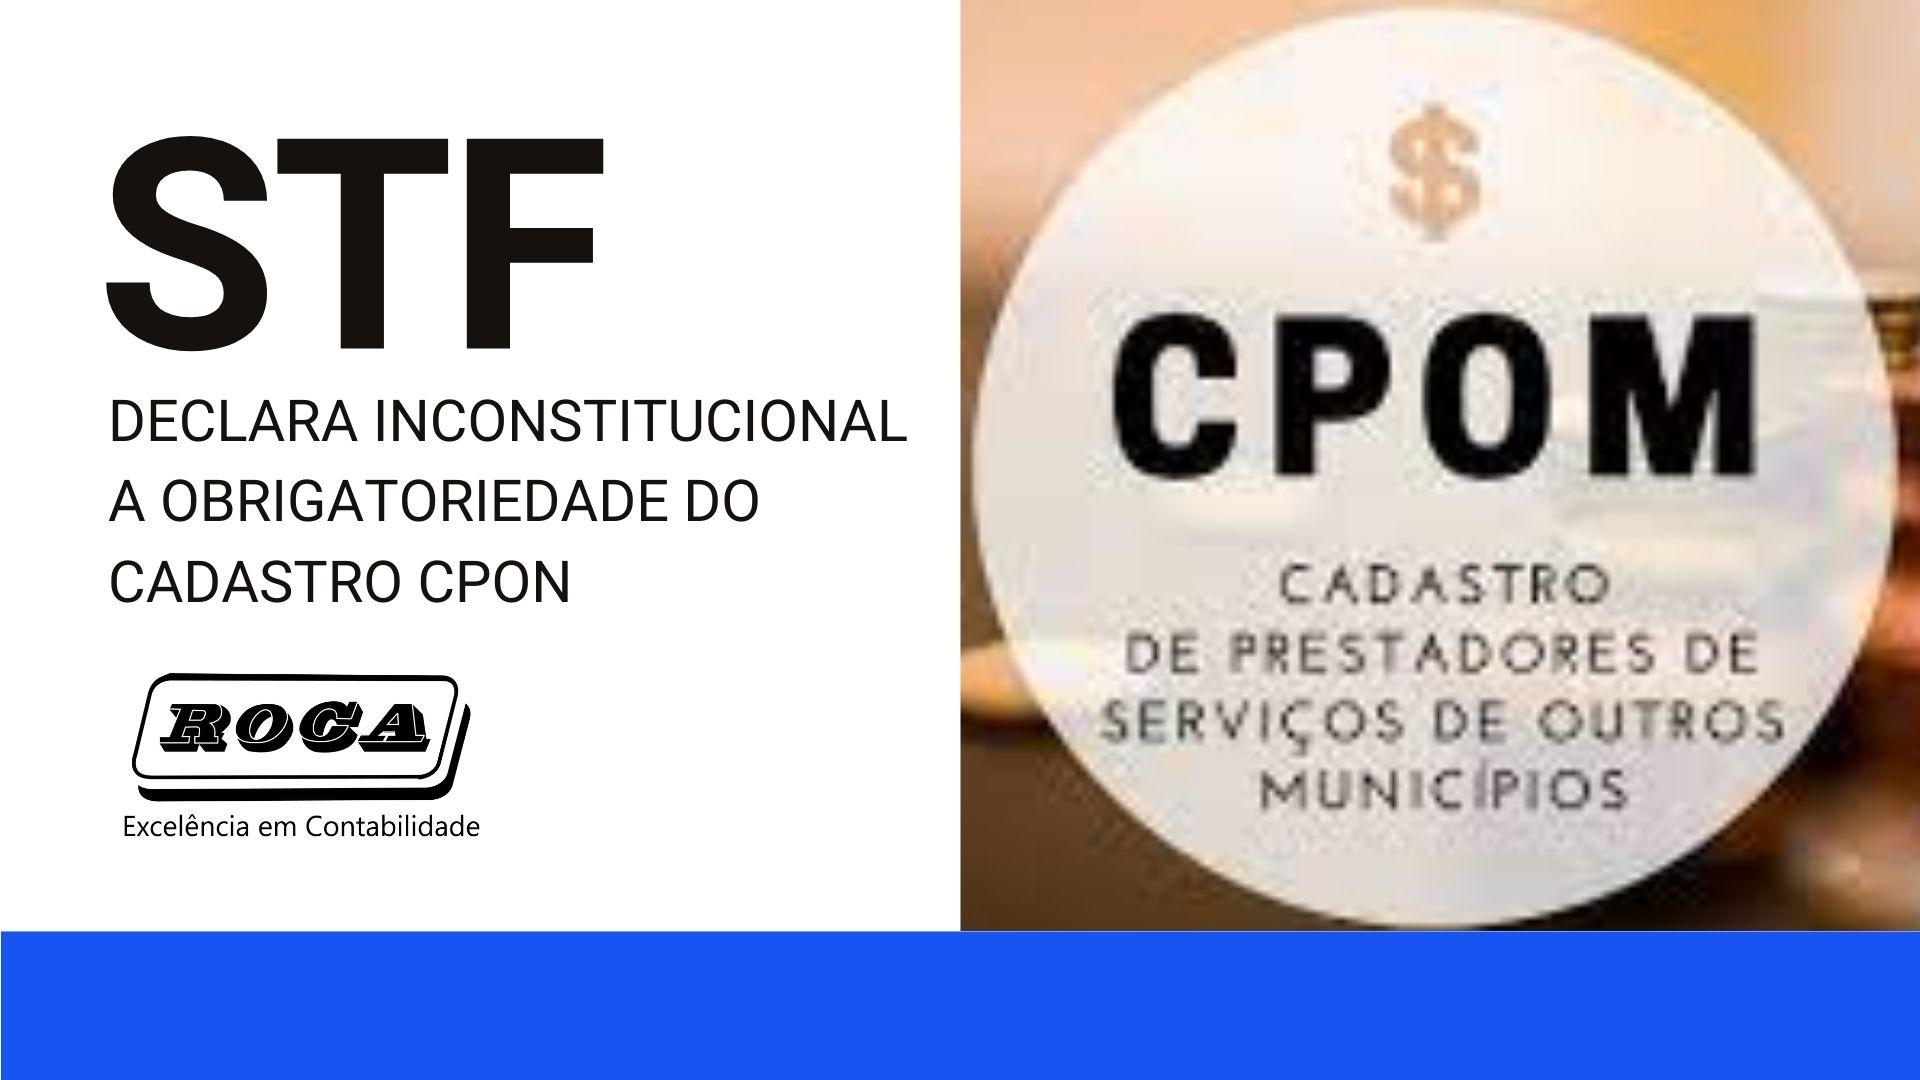 CPOM: STF – Supremo Tribunal Federal, DECLARA INCONSTITUCIONAL A OBRIGATORIEDADE DESSE CADASTRO